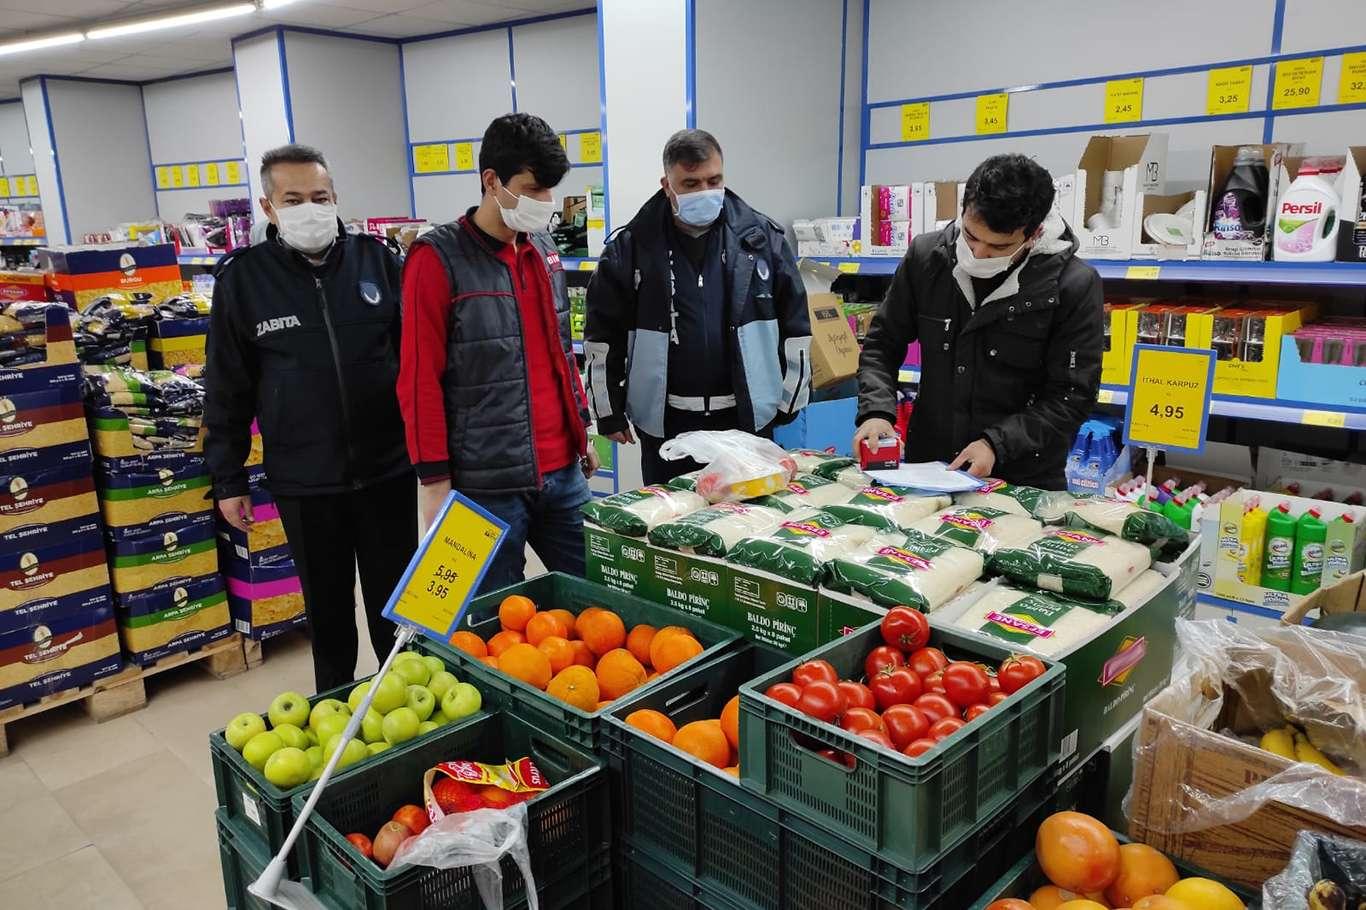 Siirt'te Haksız Fiyat Artışına Karşı Büyük Marketlerde Denetleme Başlatıldı